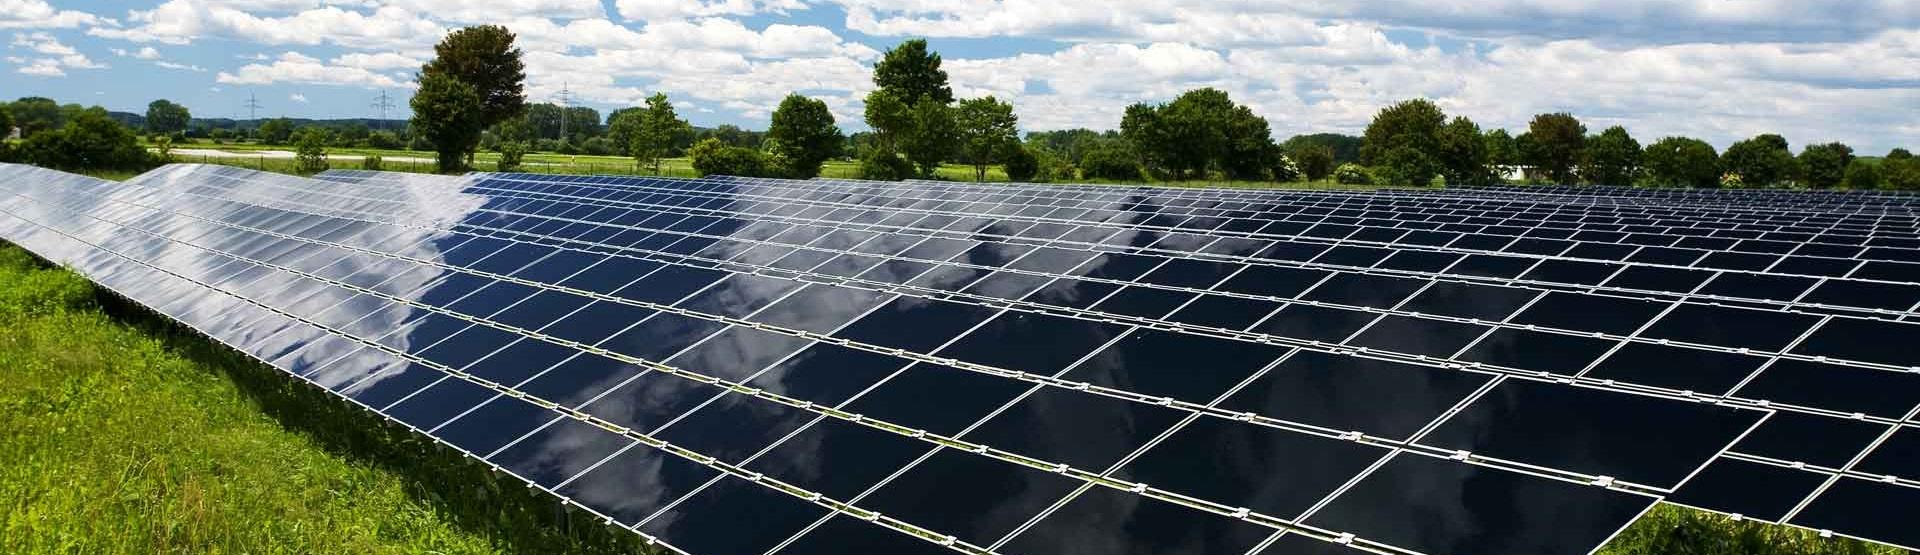 ソーラーチェンジは太陽光発電所を売りたい方と、購入したい方の無料マッチングサイトです!